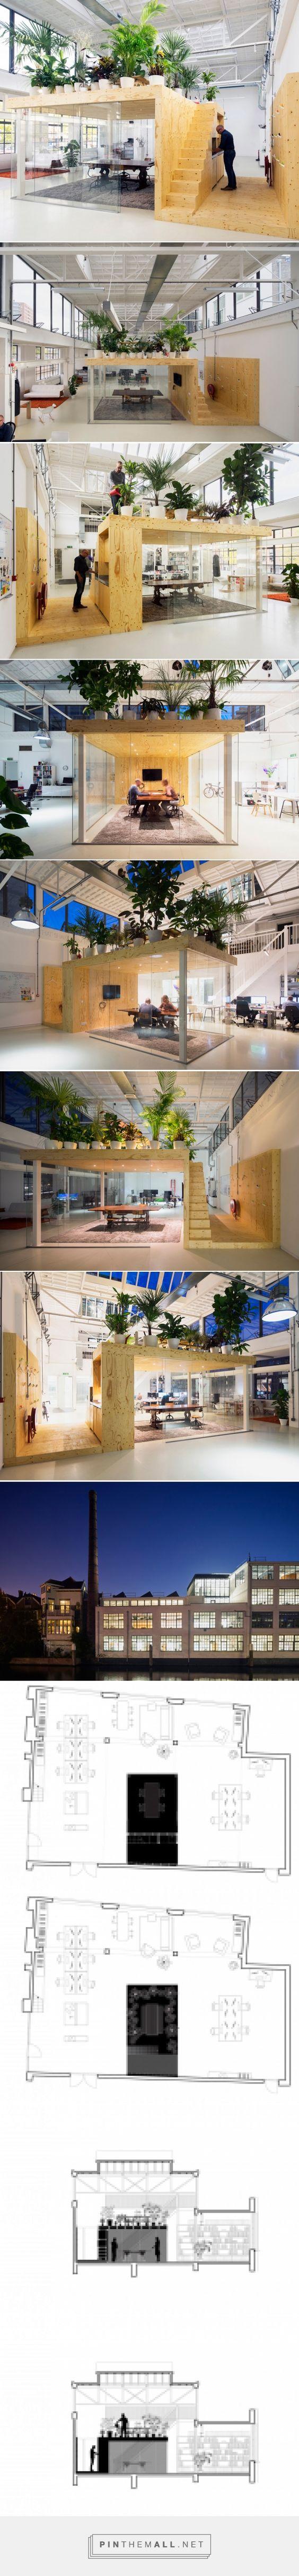 jvantspijker's renovated office includes an indoor garden - created via http://pinthemall.net